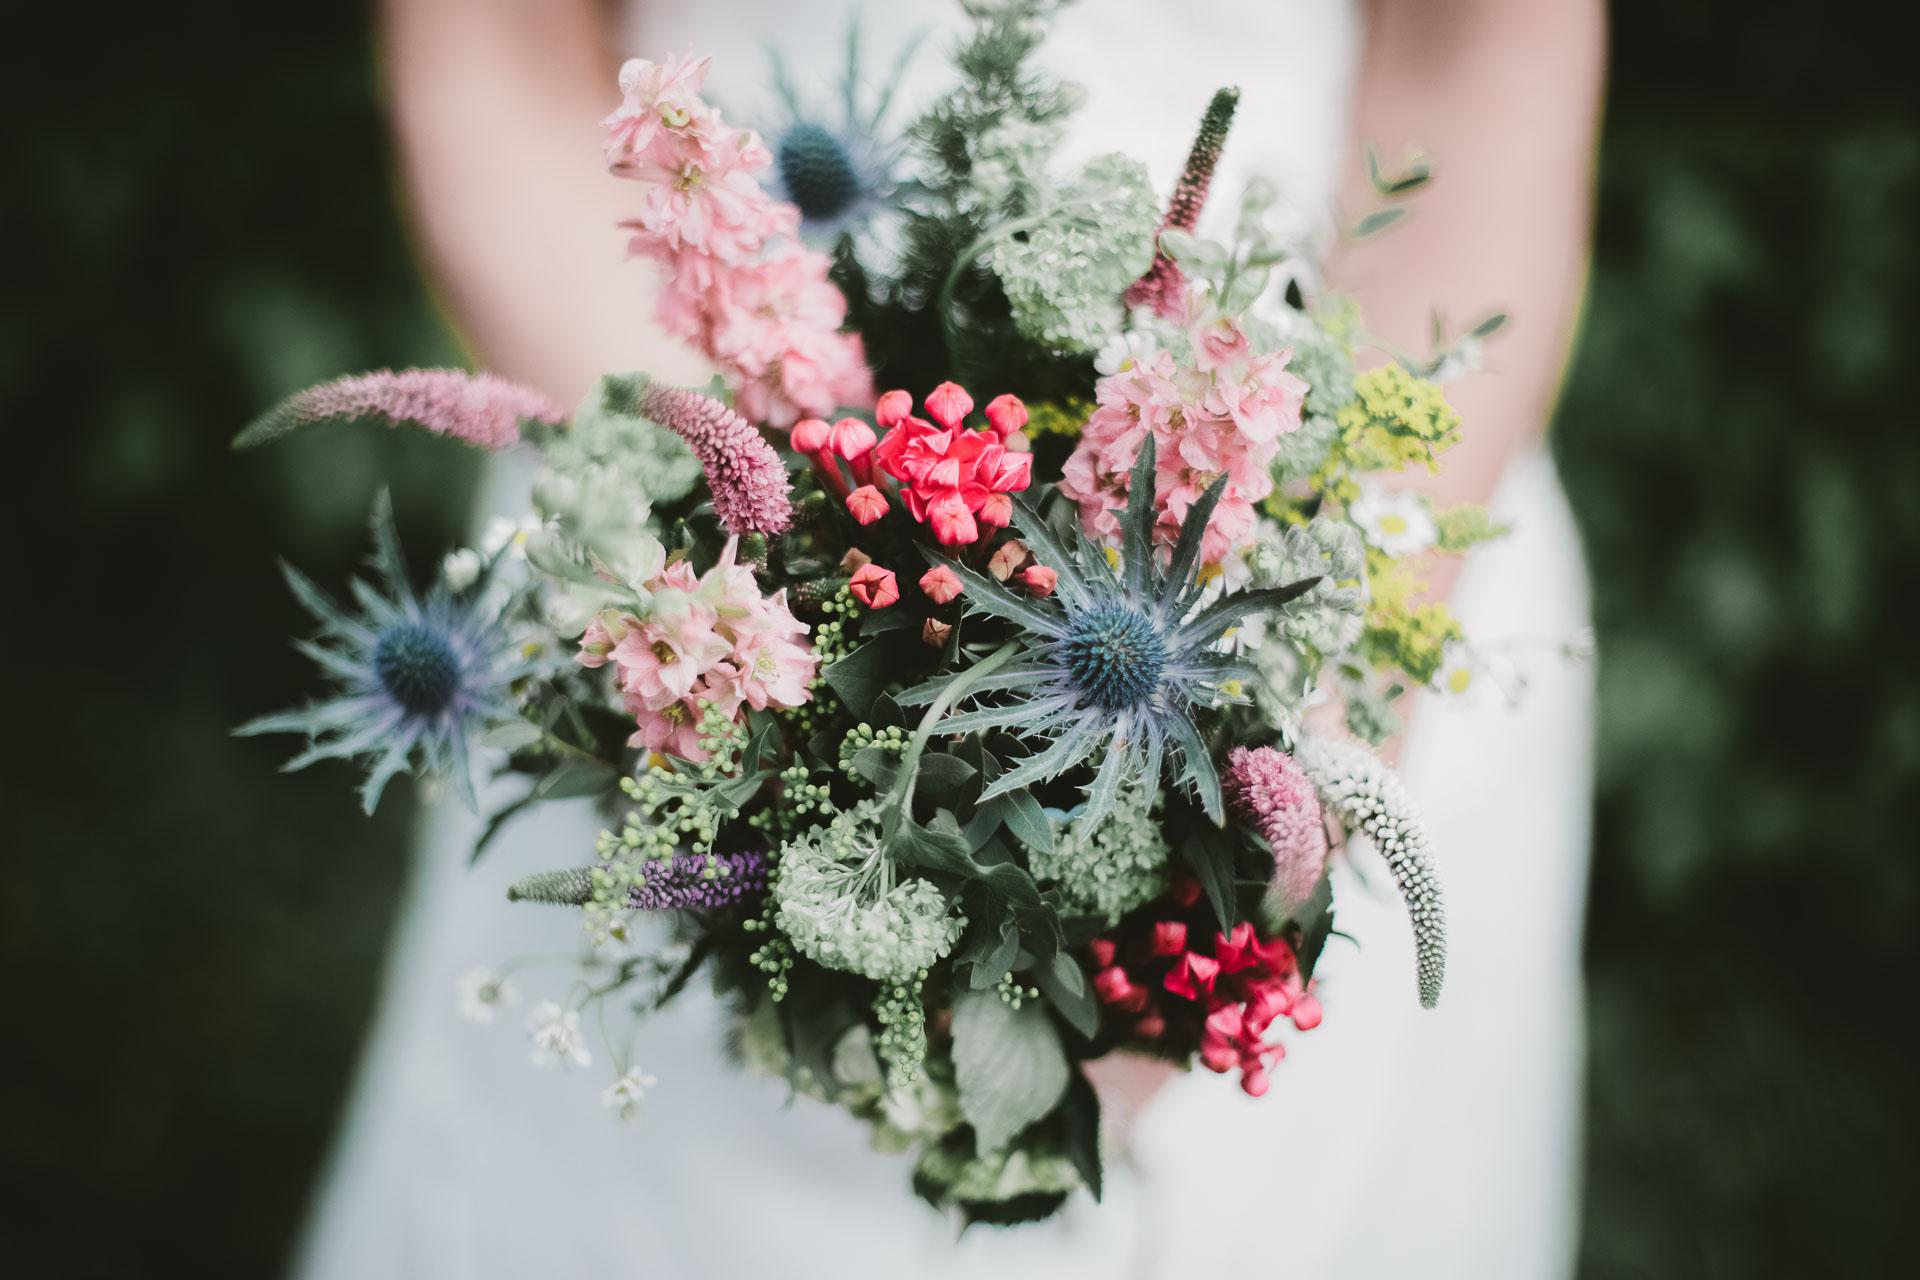 stunning flower bouquet - weddings on a budget